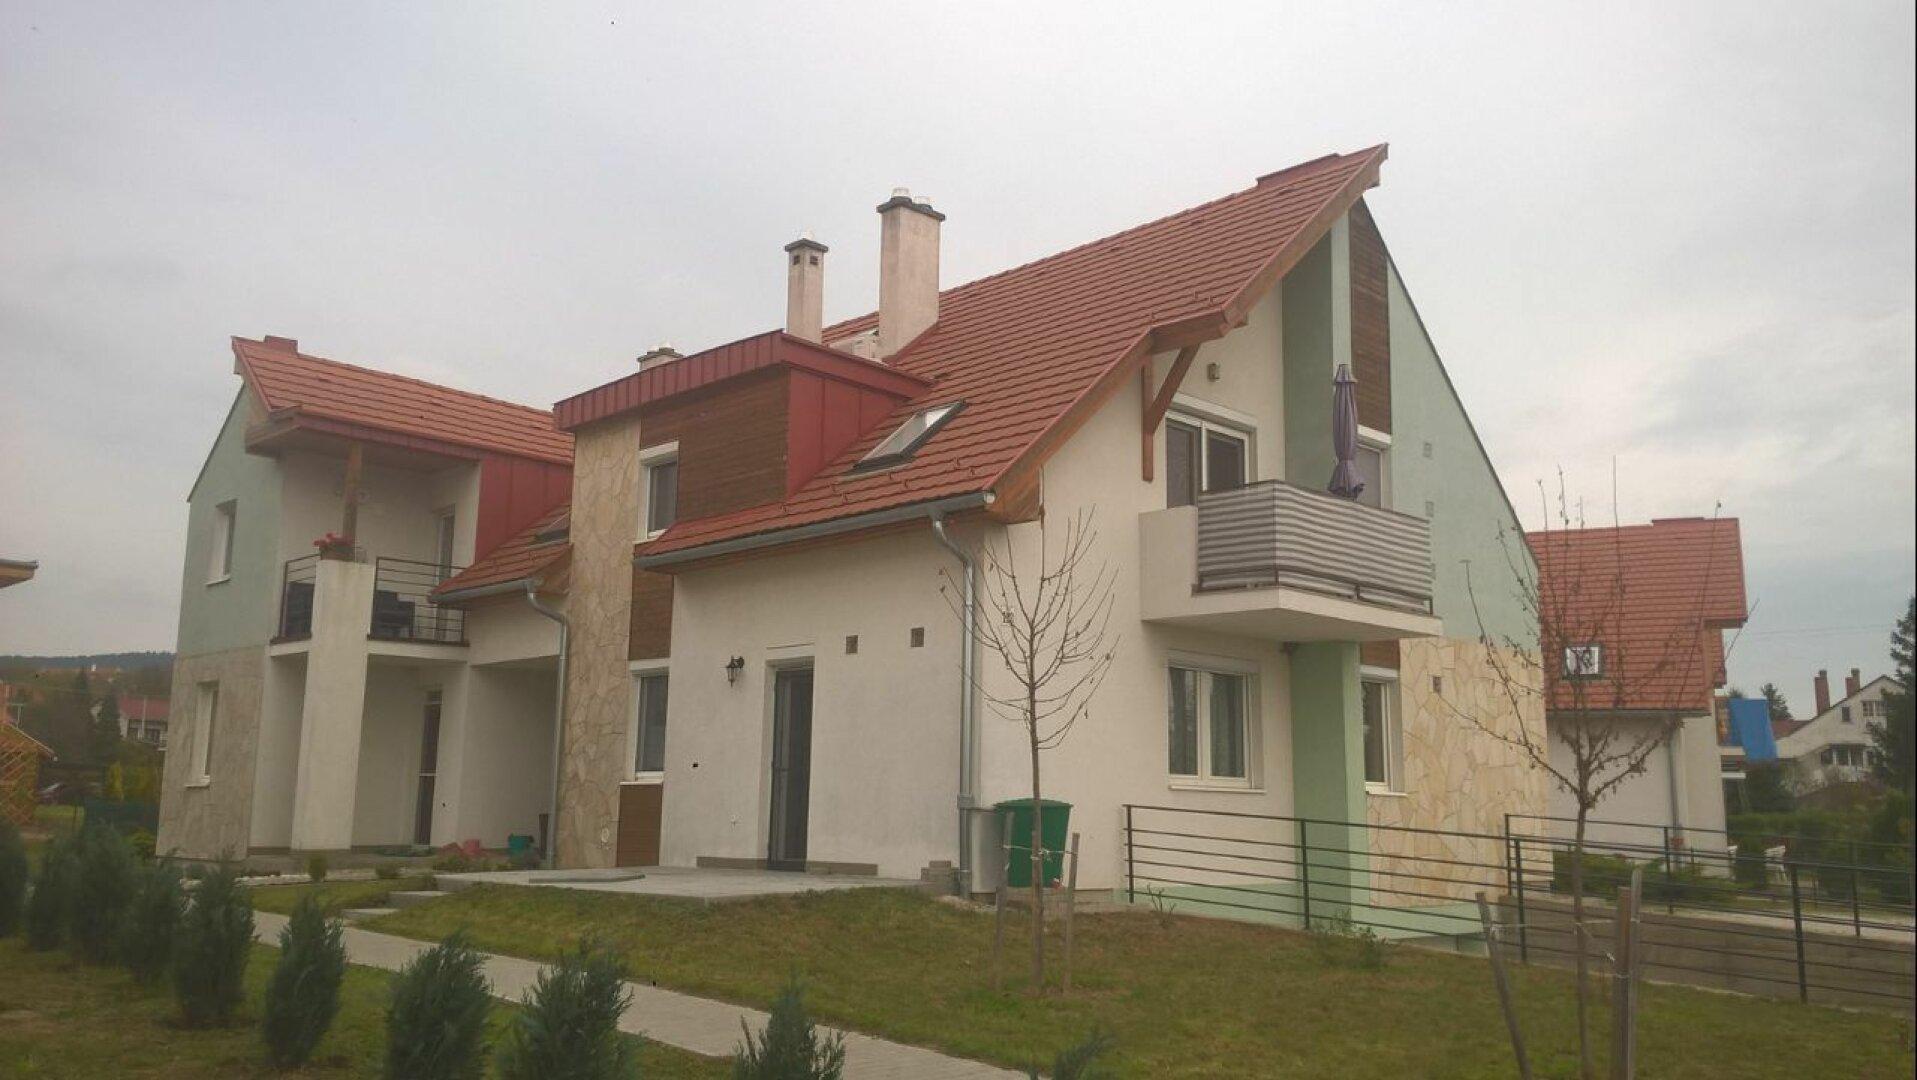 Gesamtes Wohnhaus